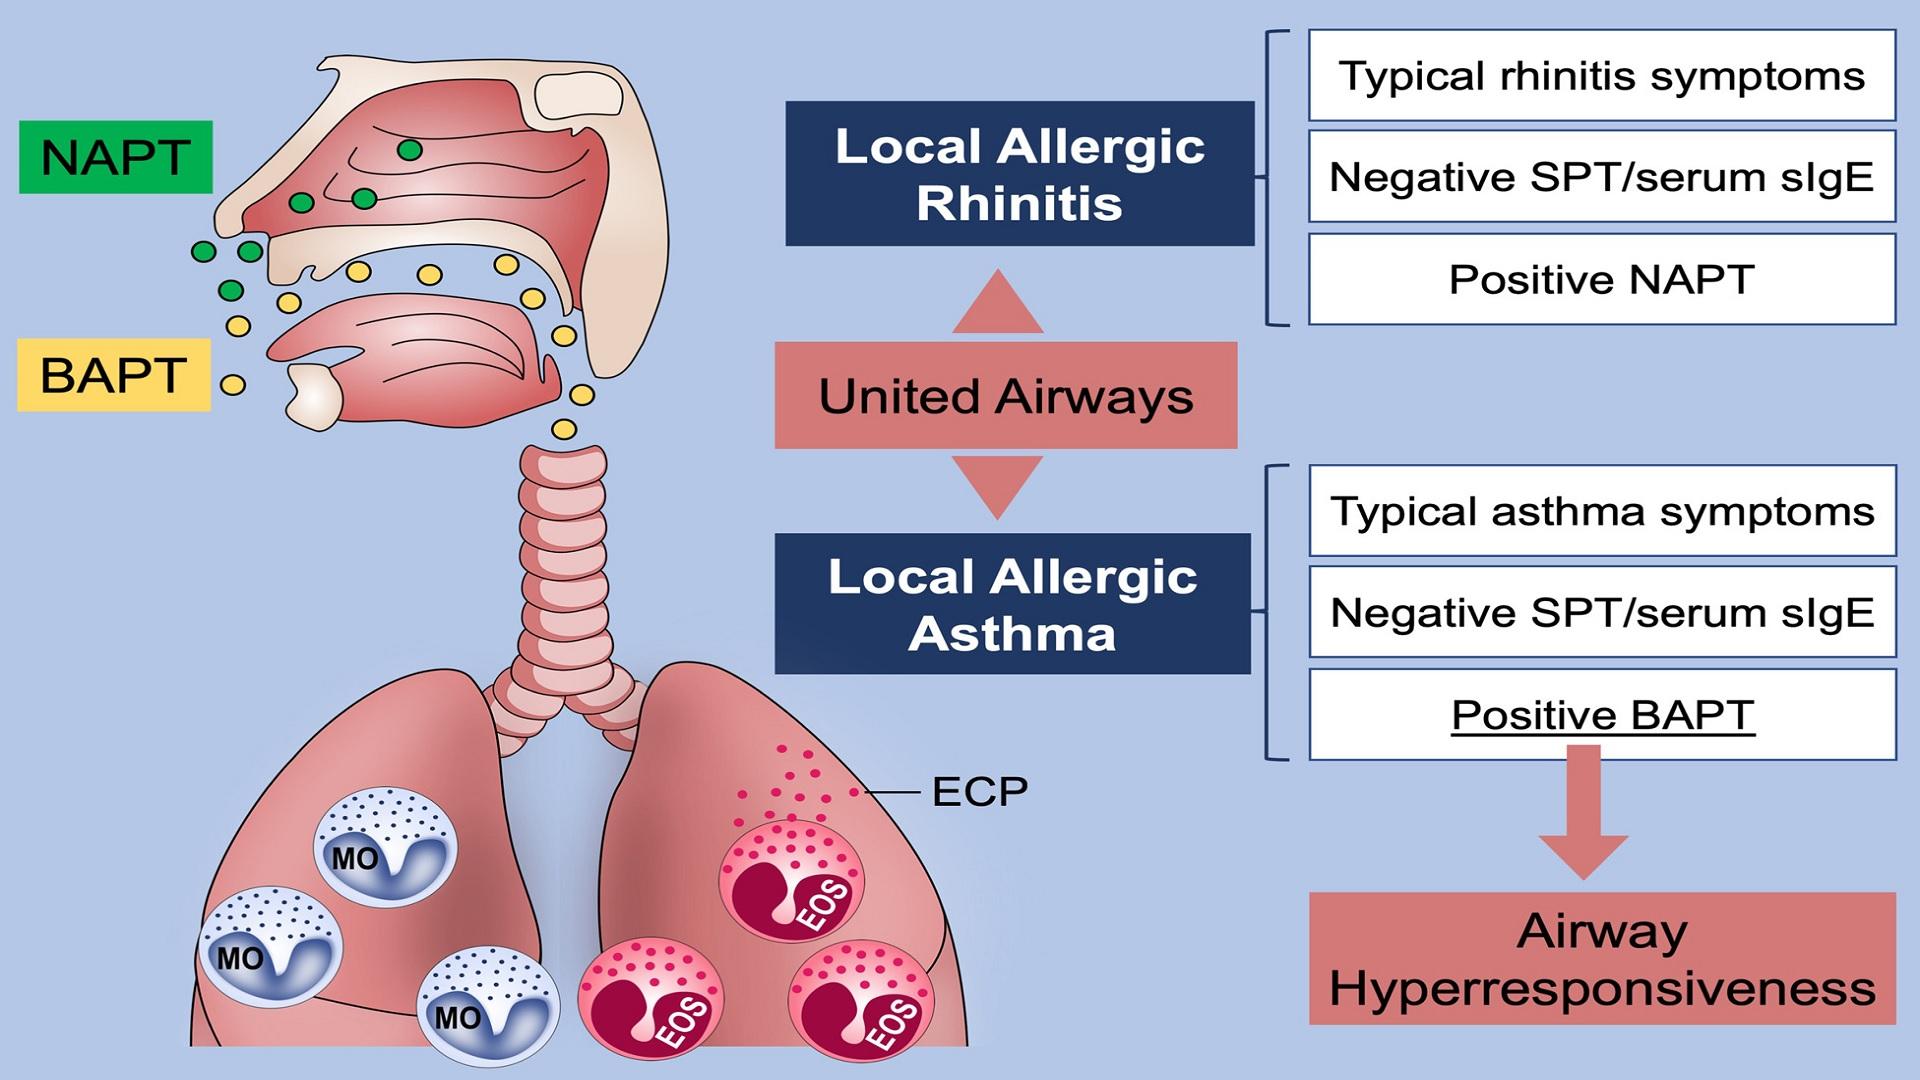 Αλλεργικό άσθμα τεστ: Νέα έρευνα δείχνει αλλαγές στον ανθρώπινο αεραγωγό [vid]